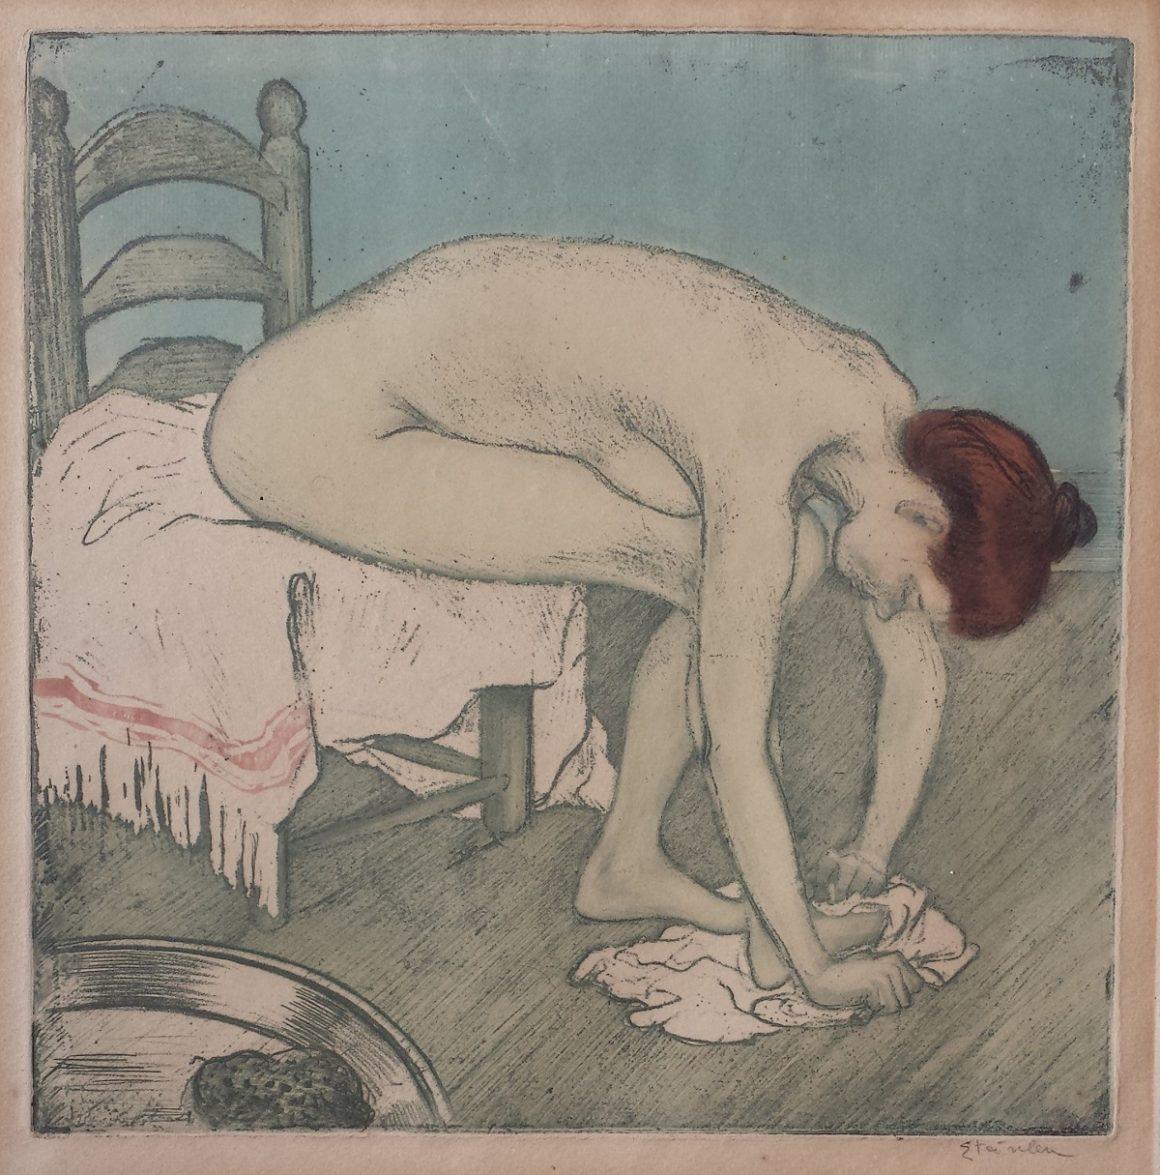 Théophile Alexandre STEINLEN (1859-1923) - Femme nue assise, s'essuyant les pieds - 1902 - Eau-forte, vernis mou et aquatinte sur zinc